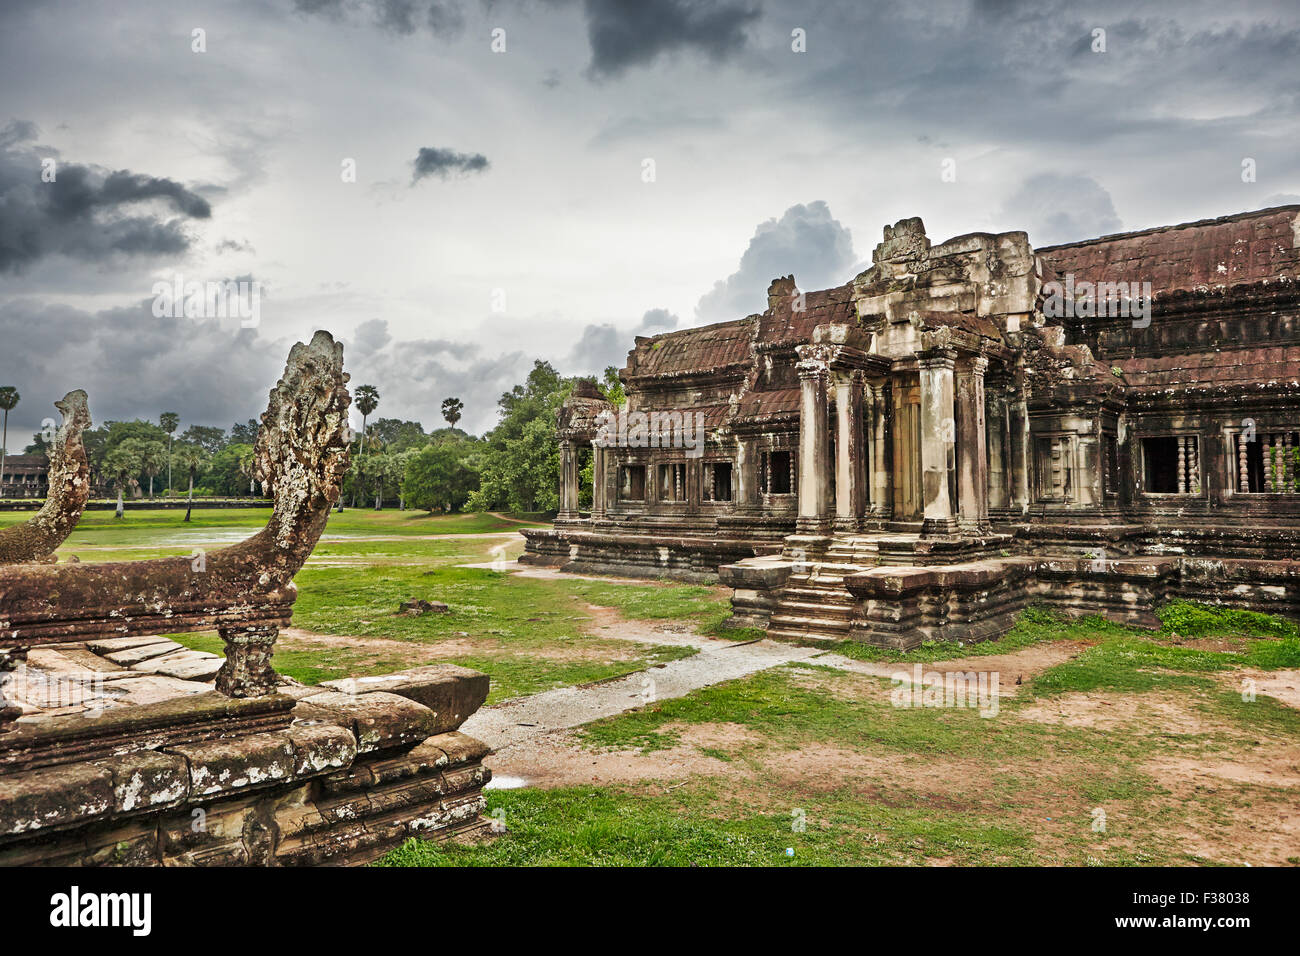 Construcción de la biblioteca en el complejo de templos de Angkor Wat. Parque arqueológico de Angkor, Imagen De Stock